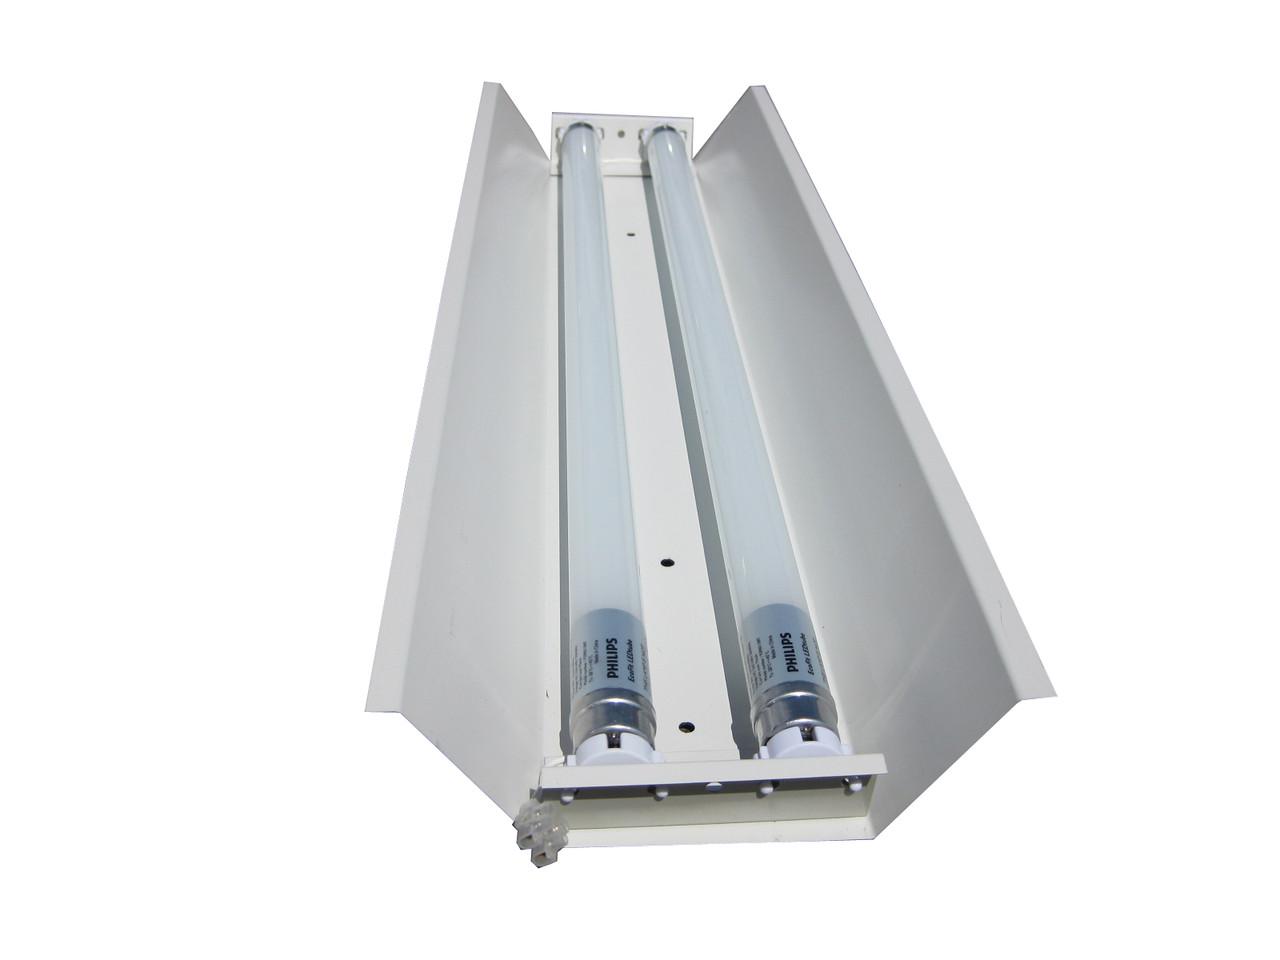 СПВ-02 (2х1200) открытый линейный светильник под LED (ЛЕД) лампы Т8 1200 без ПРА